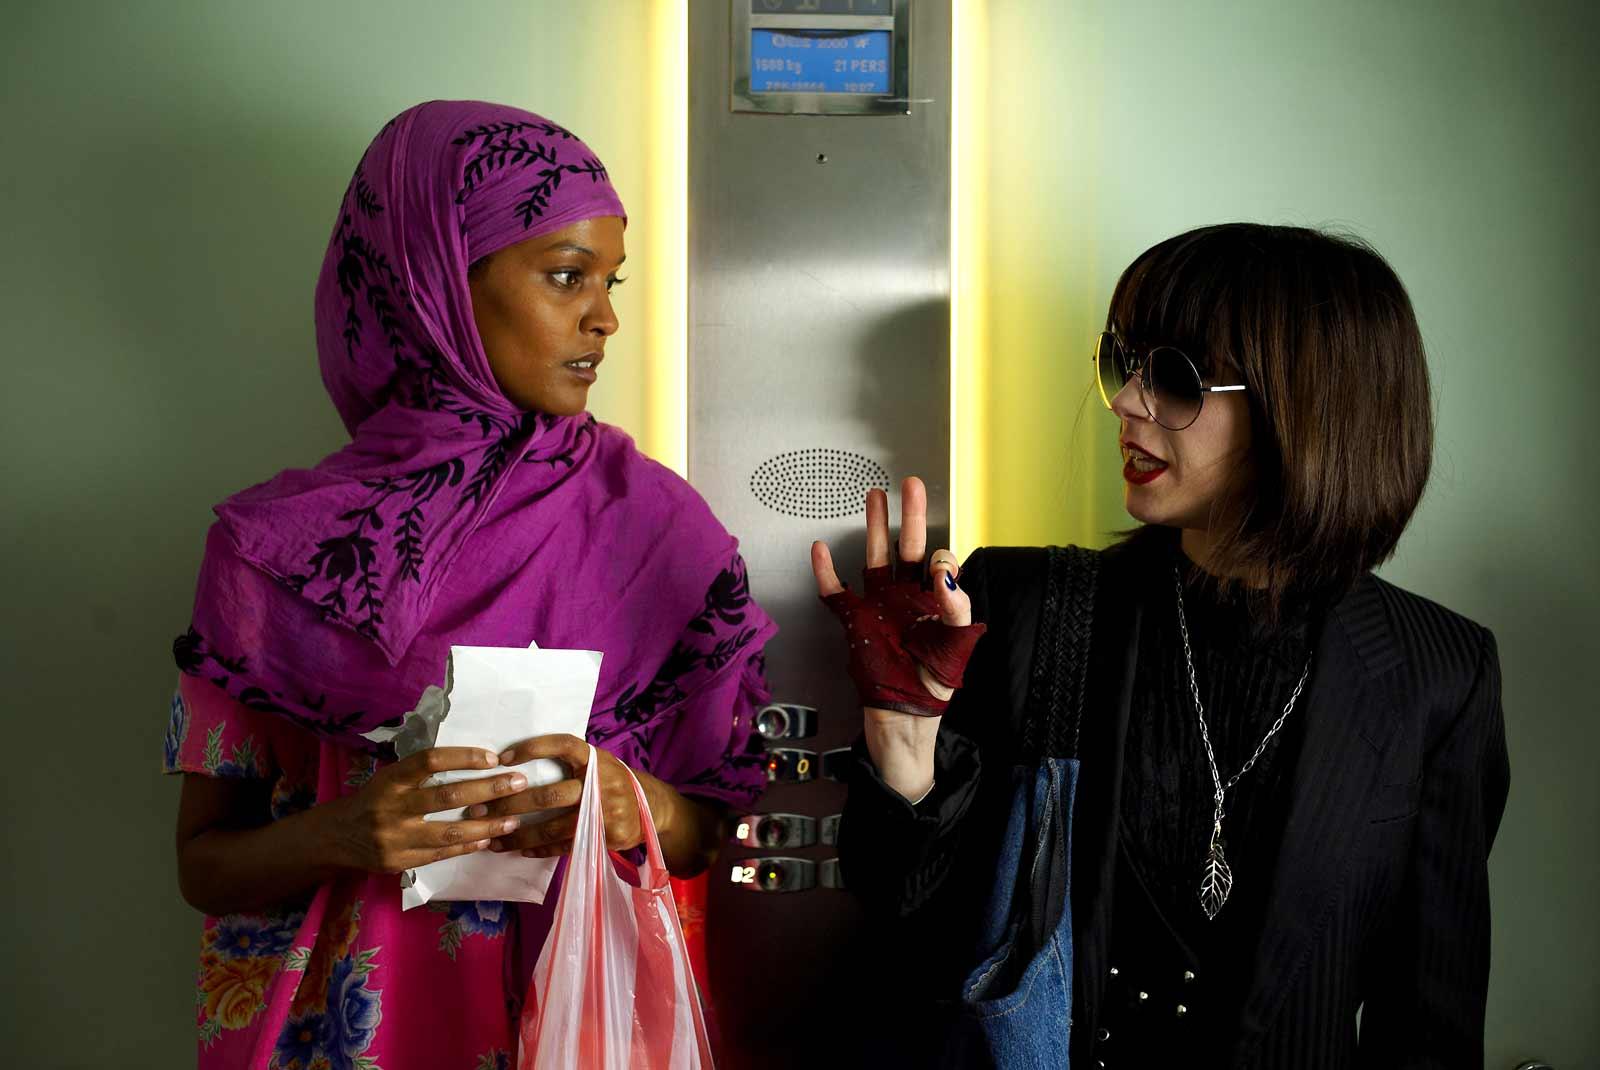 Melhores filmes sobre alunos dedicados que irão inspirar você nos estudos